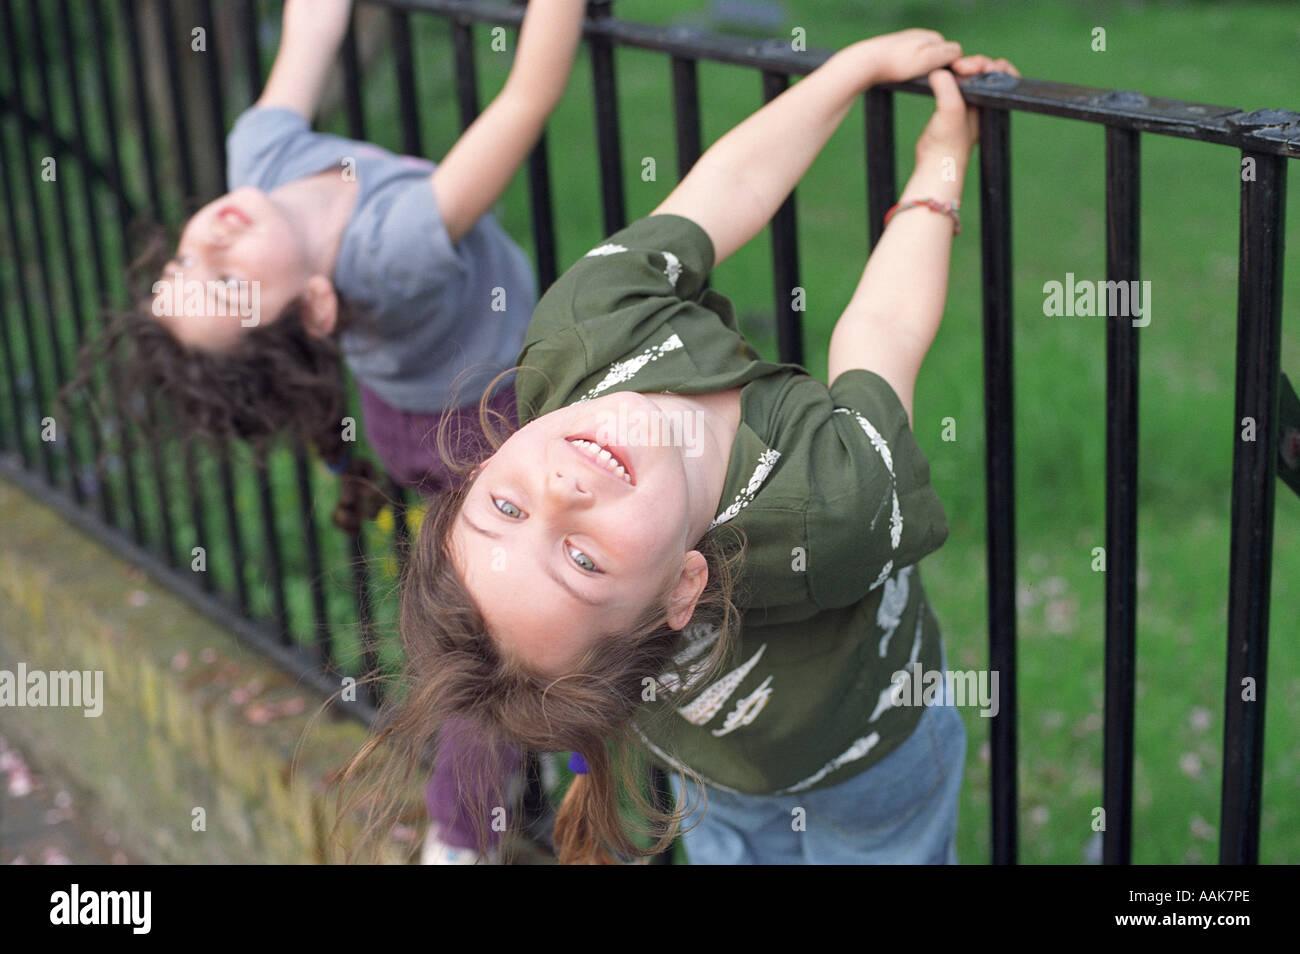 Dos niñas de seis años jugando en rejas metálicas, Londres, Reino Unido. Foto de stock